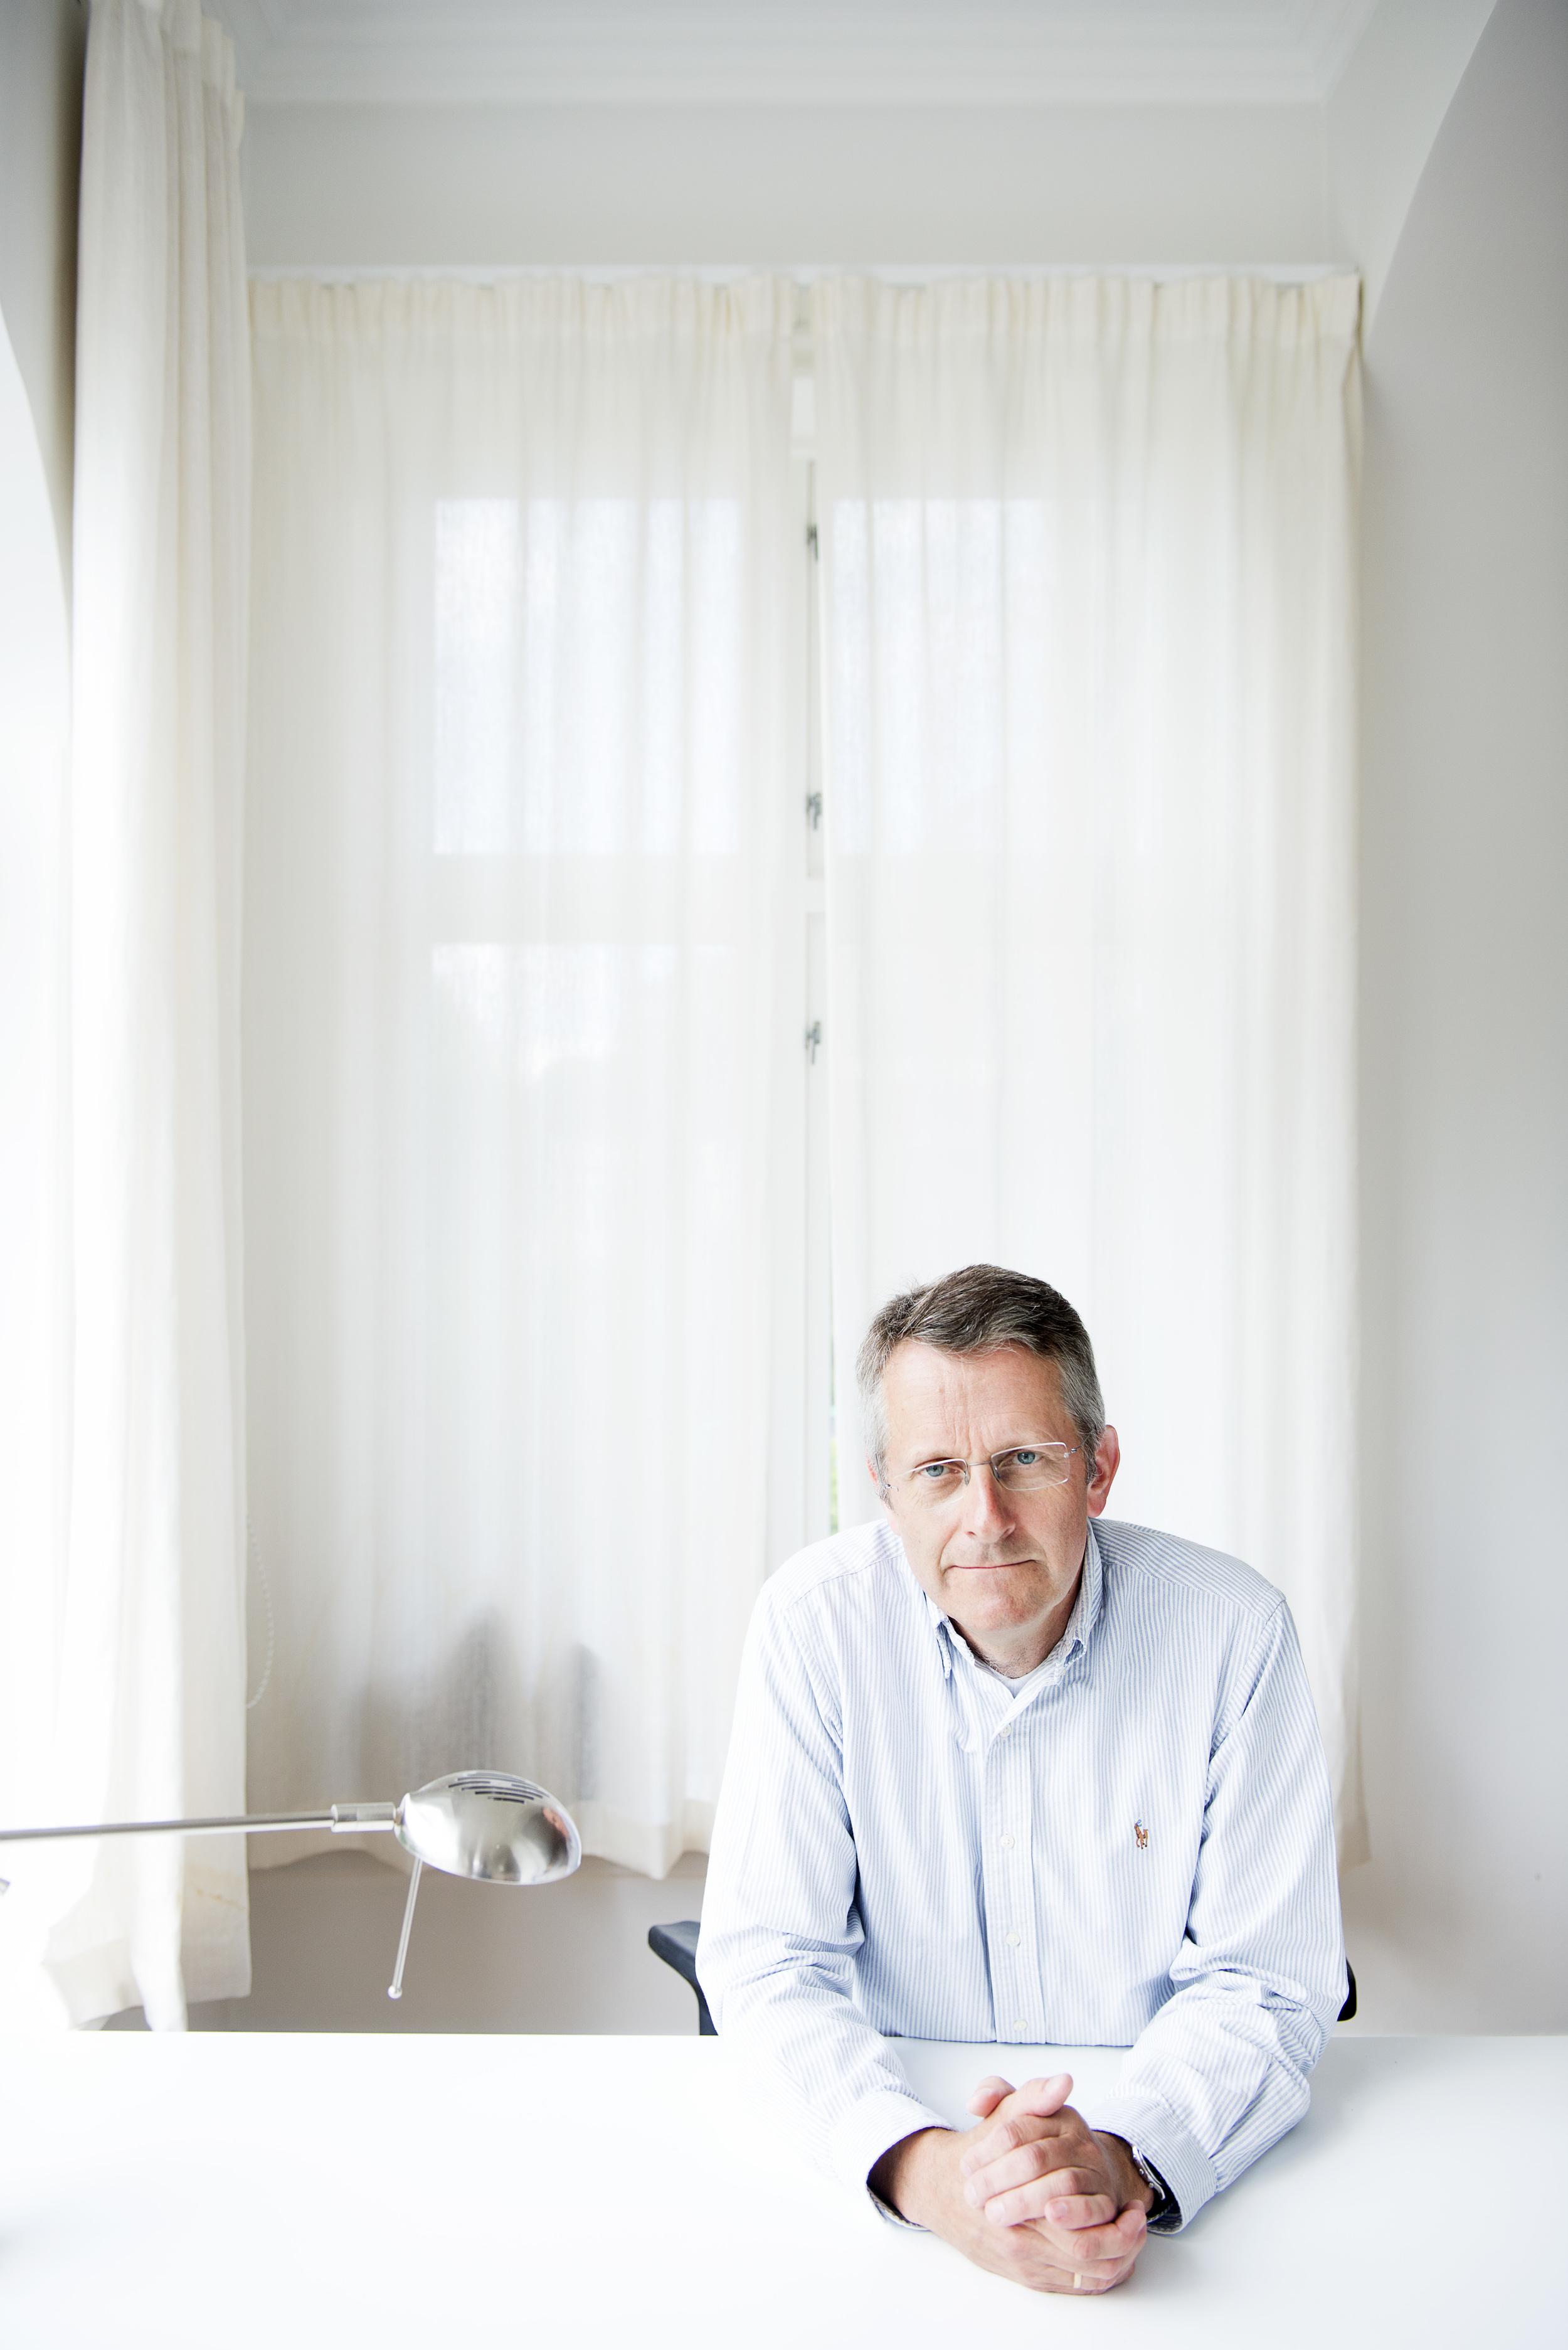 Mads Bryde Andersen, formand for Finanstilsynets bestyrelse